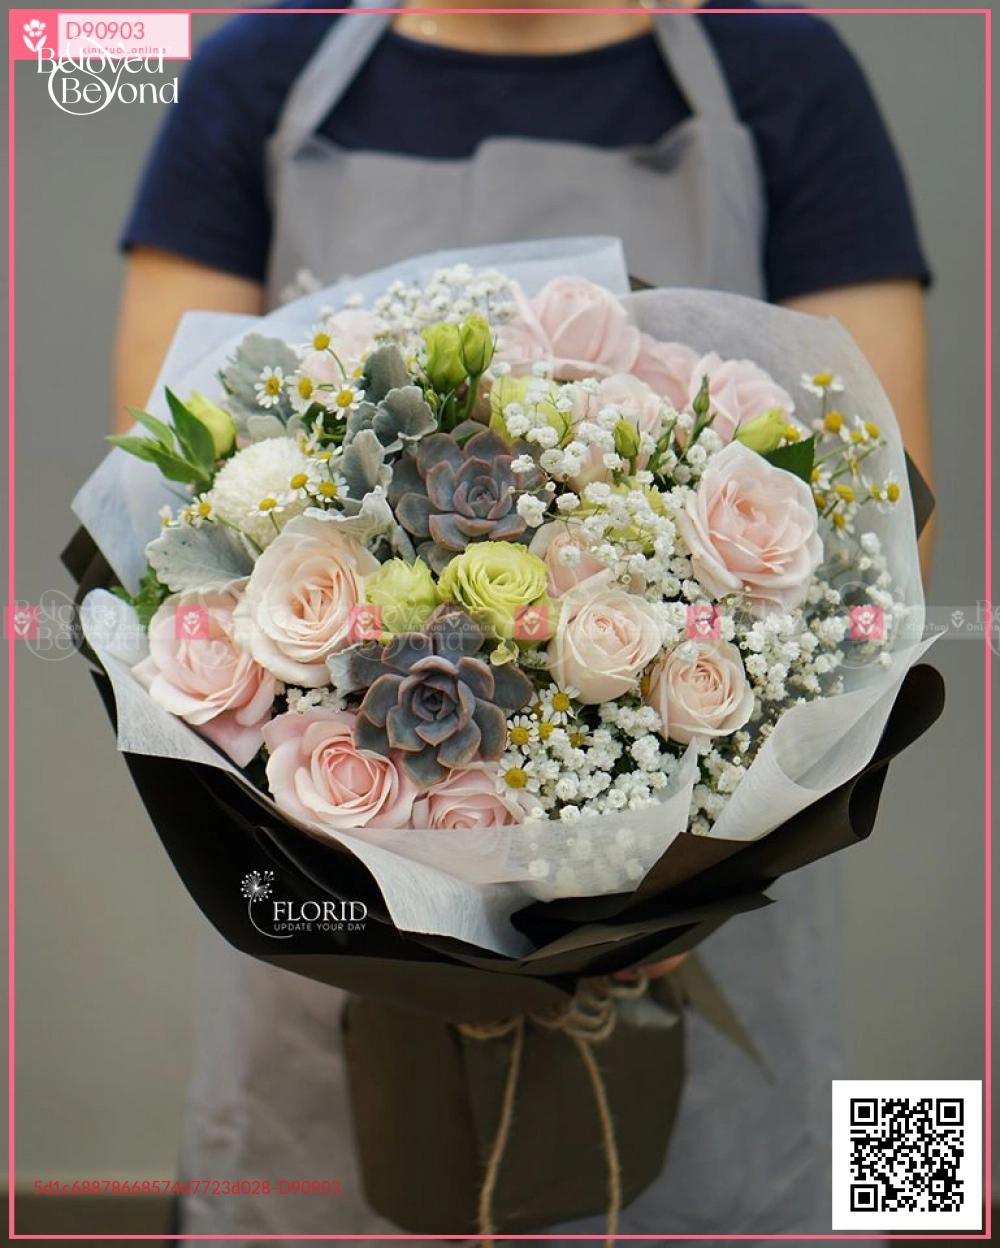 MS 1354  valentine - D90903 - xinhtuoi.online